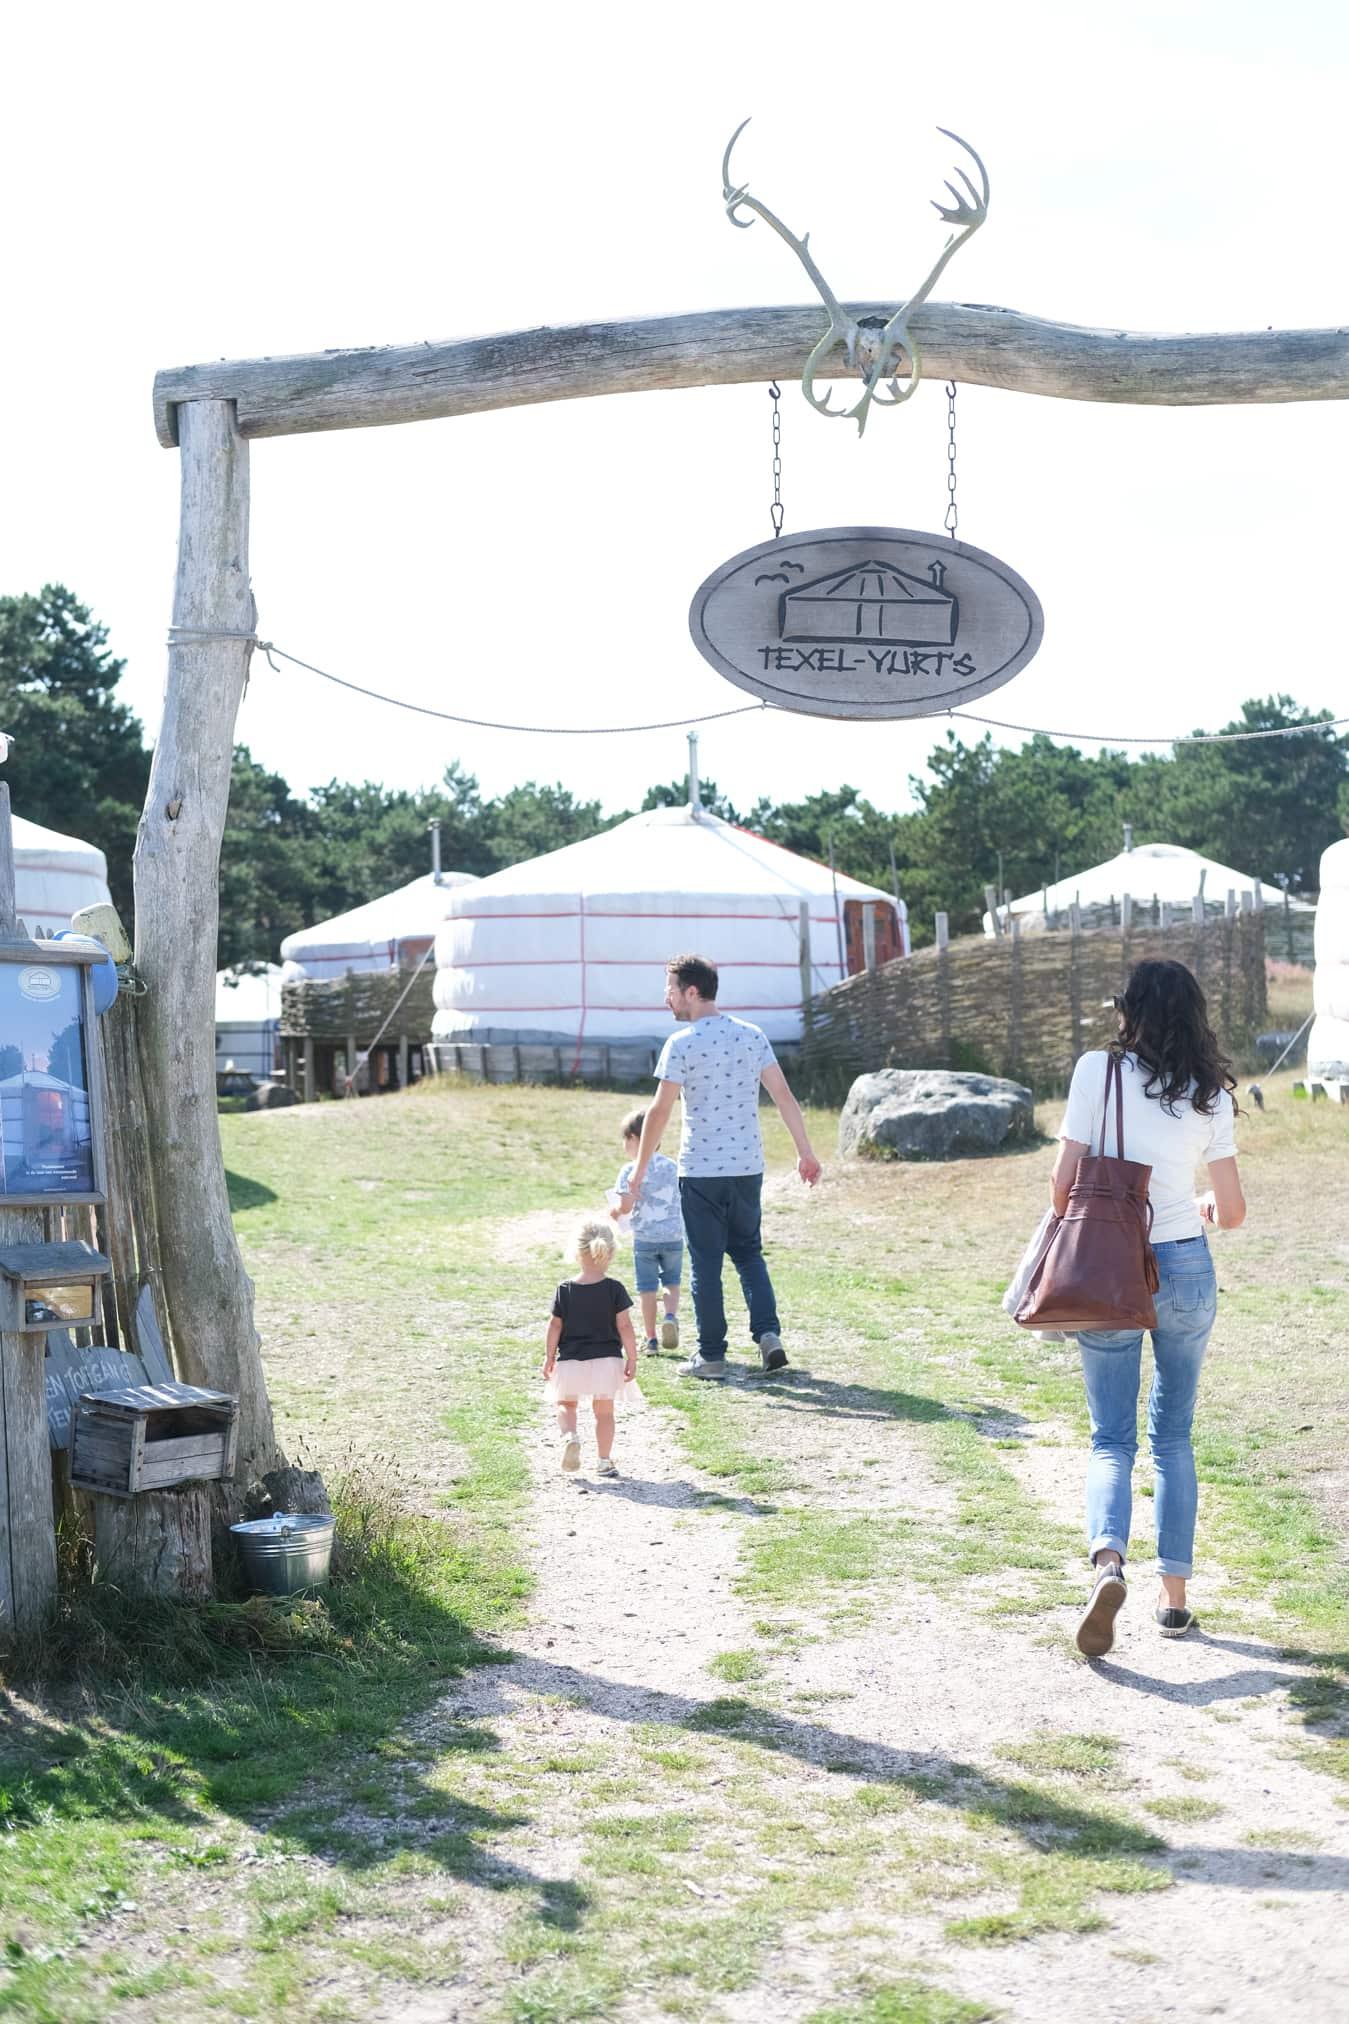 aankomst texel yurts nederland